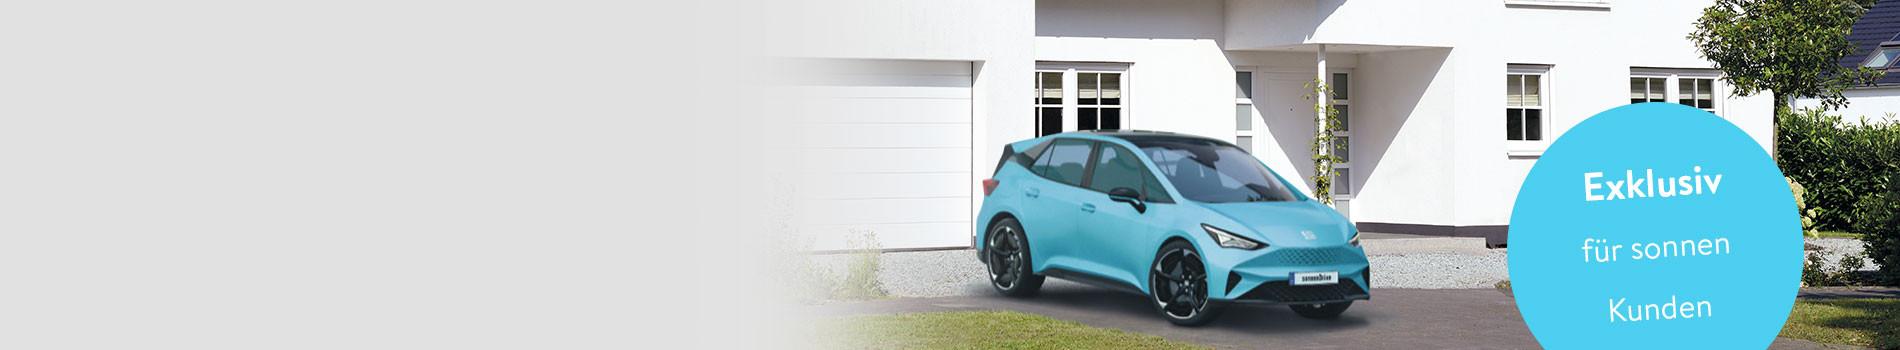 Blaues Elektroauto vor einem Haus